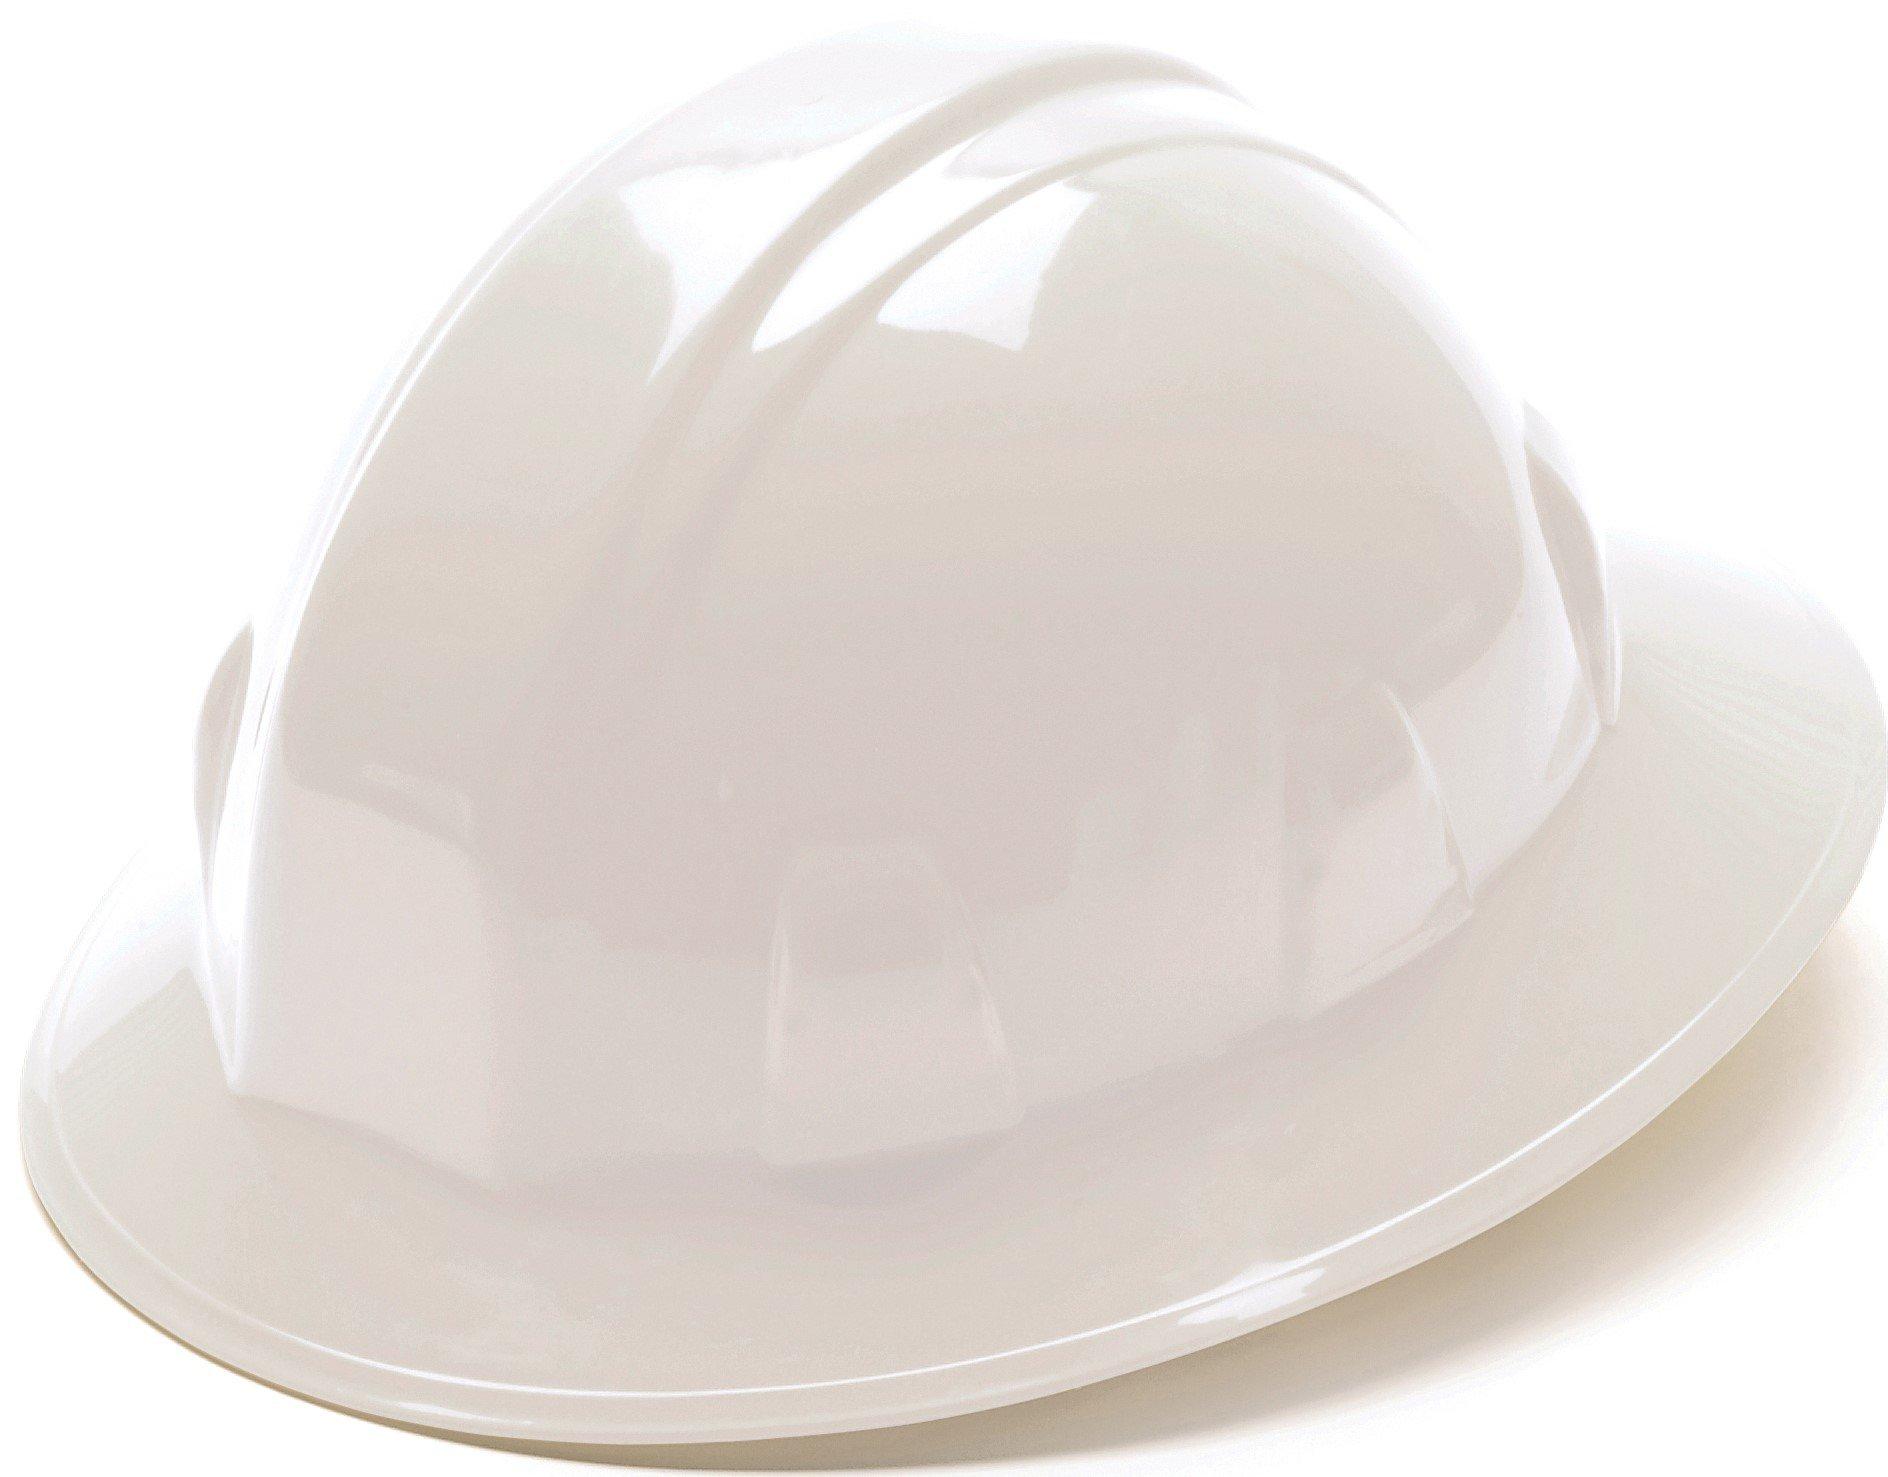 Pyramex Safety SL Series Full Brim Hard Hat, 4-Point Ratchet Suspension, White